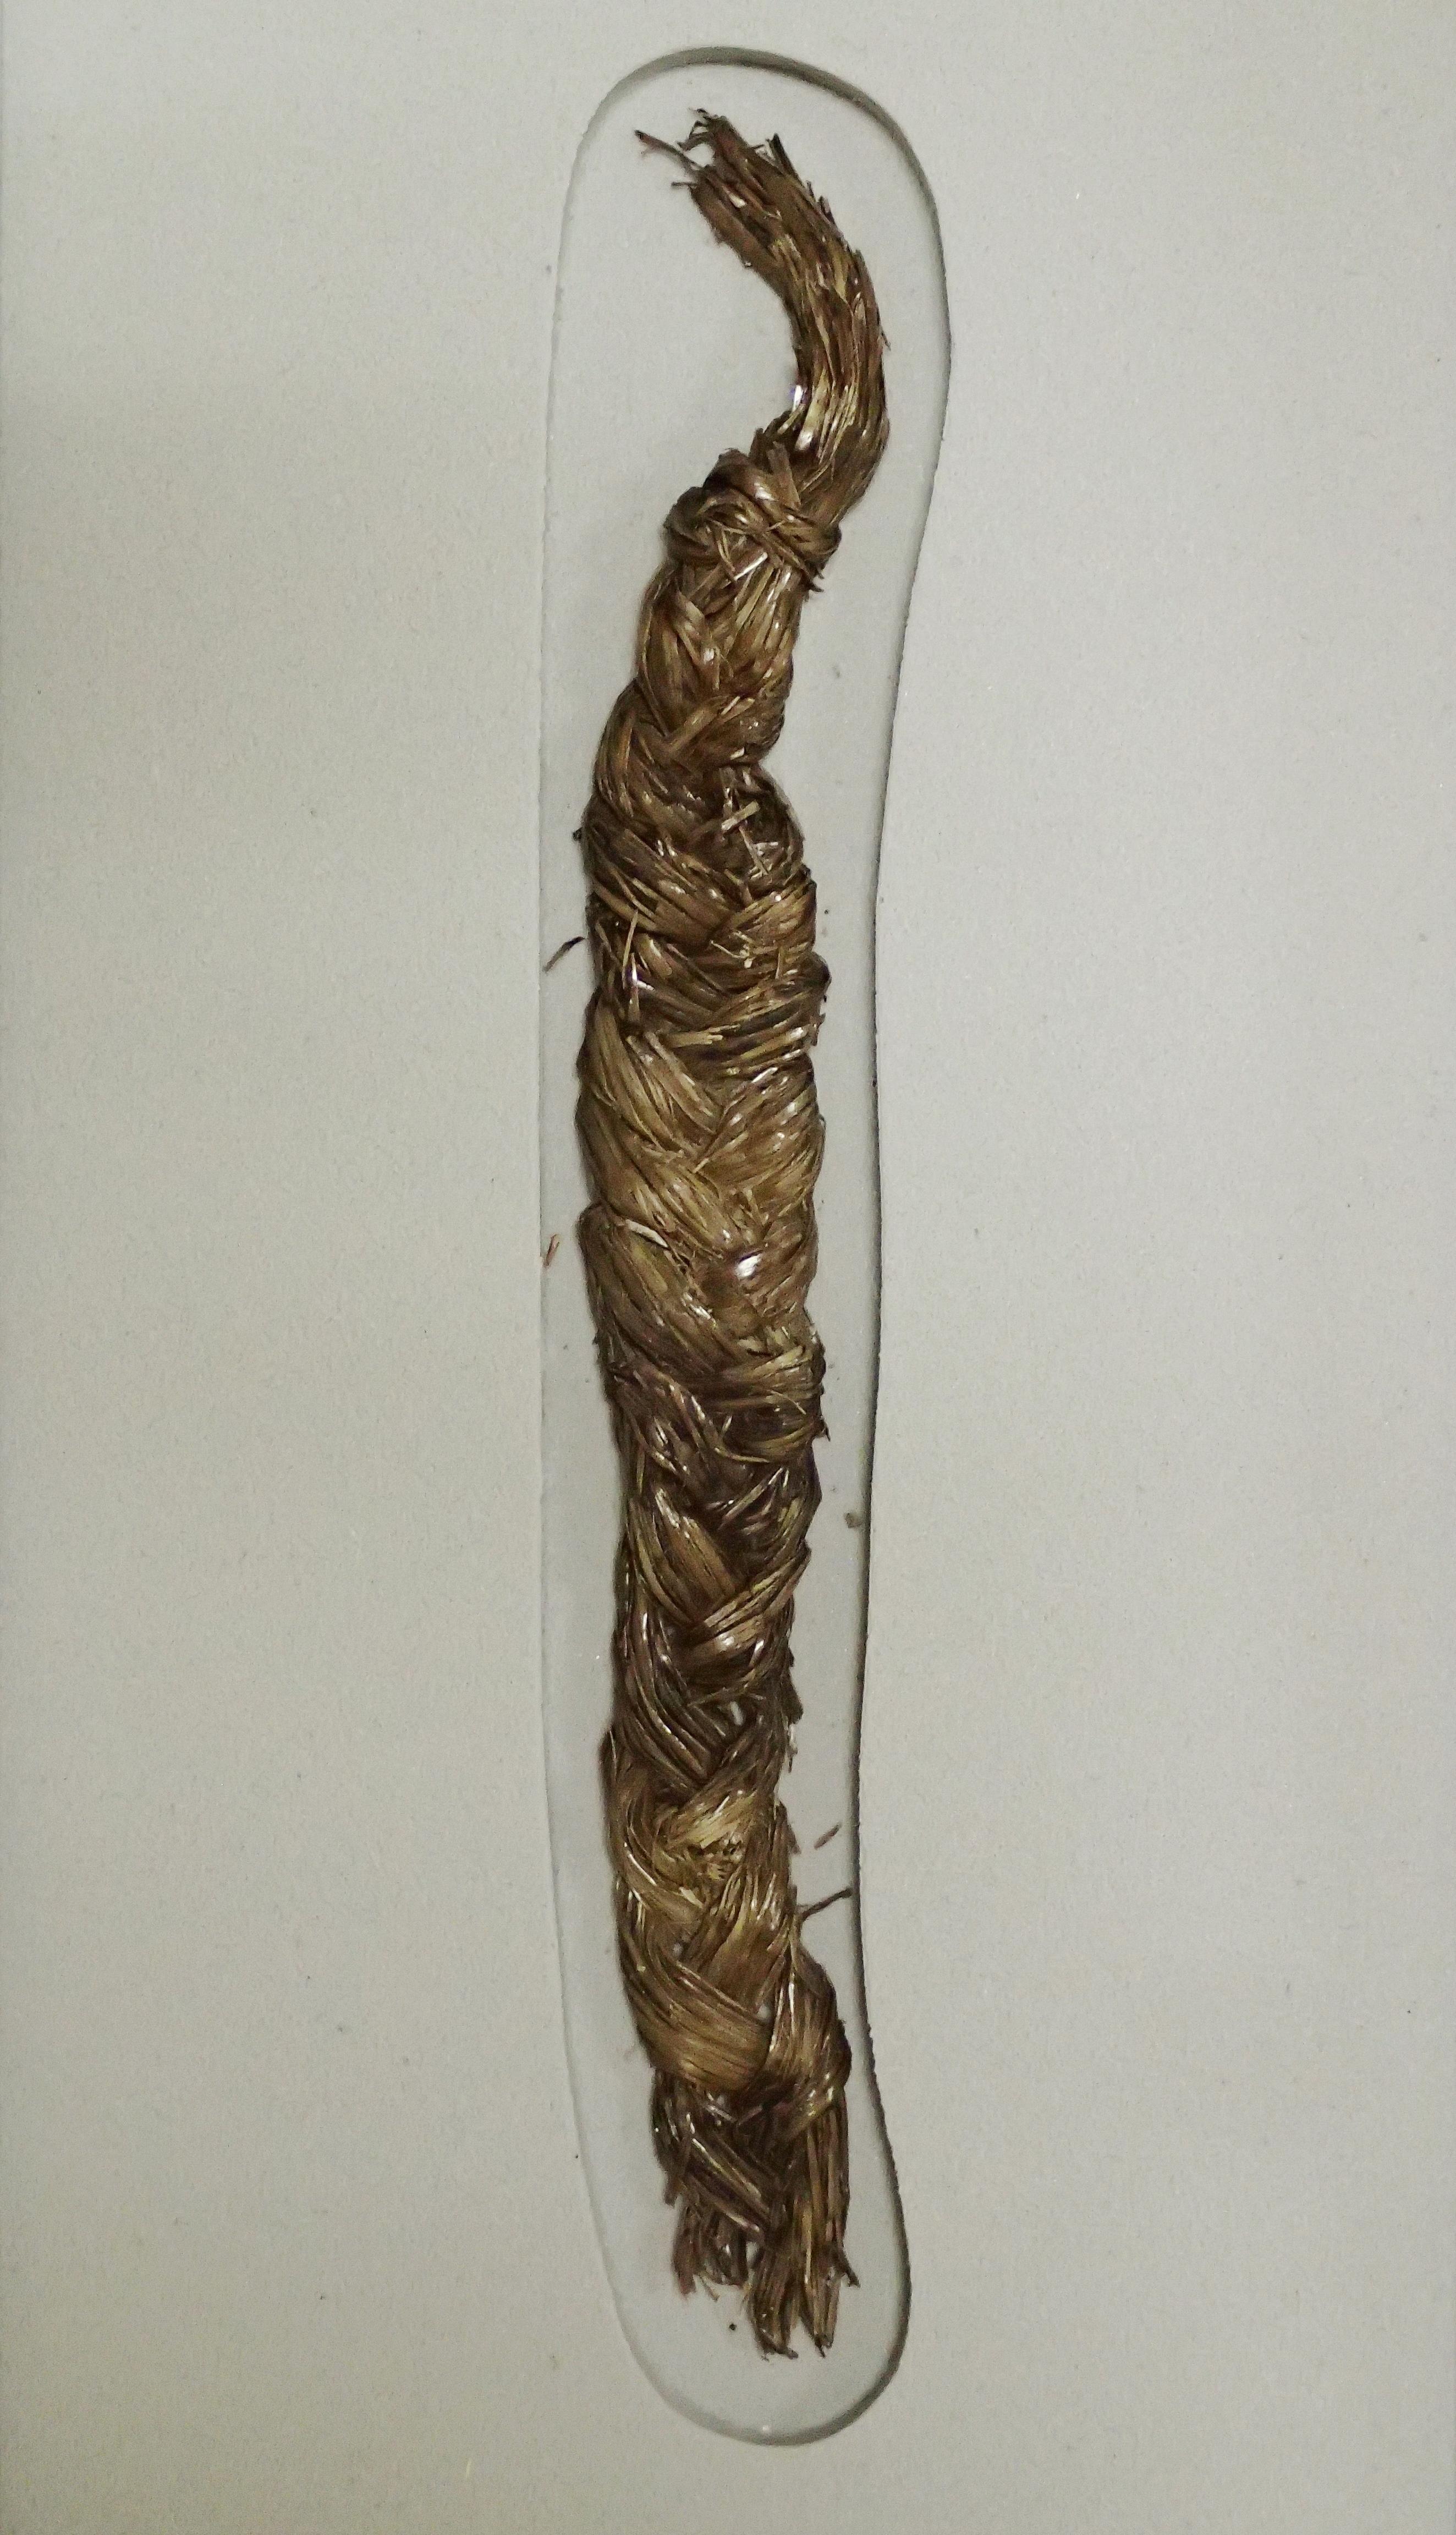 【重要文化財】三つ組みの太縄(鳥浜貝塚、当館所蔵)